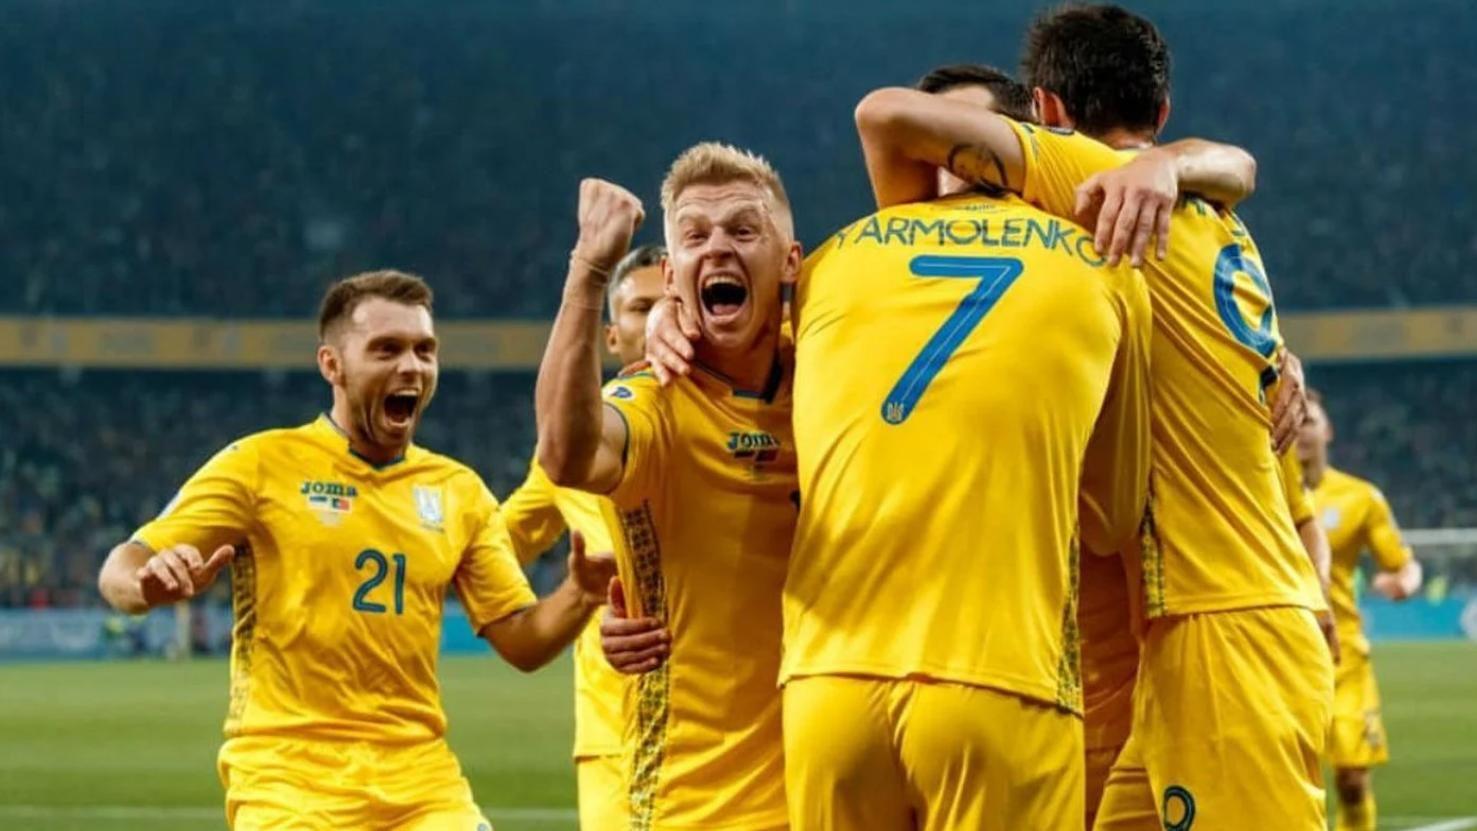 Появилась неожиданная реакция жителей оккупированного Донецка на победу Украины над Швецией